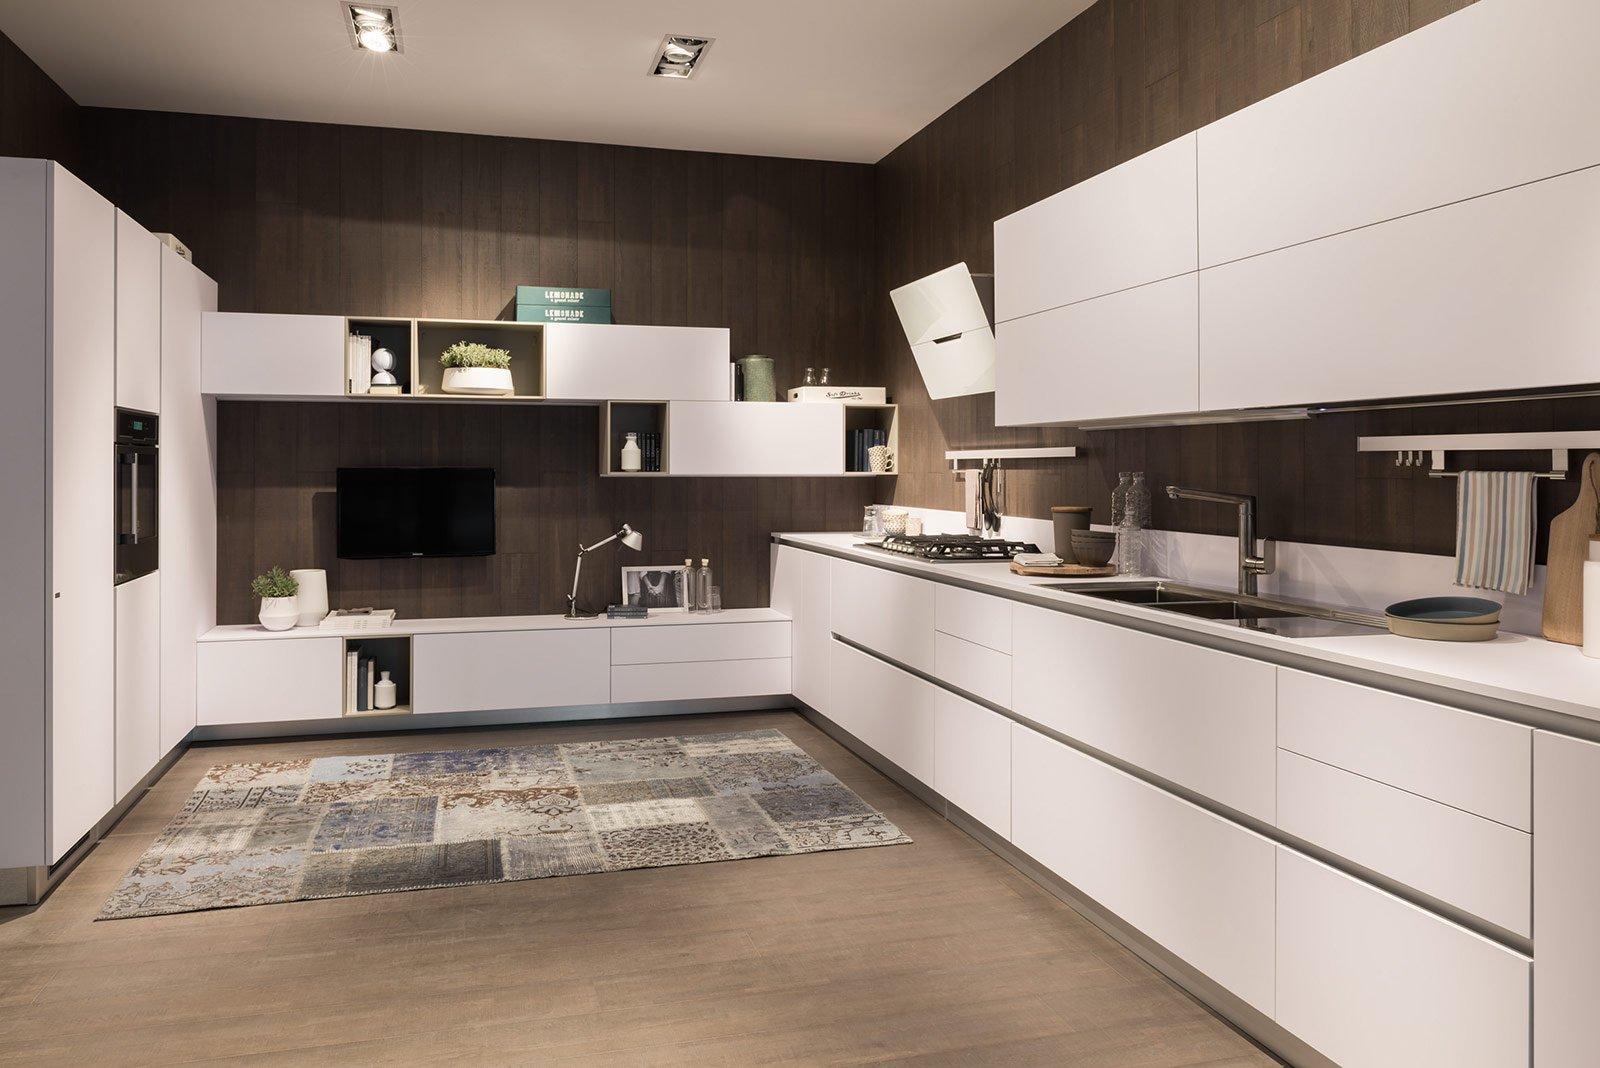 Cucina e soggiorno openspace funzioni divise o spiccata - Cucine con soggiorno ...